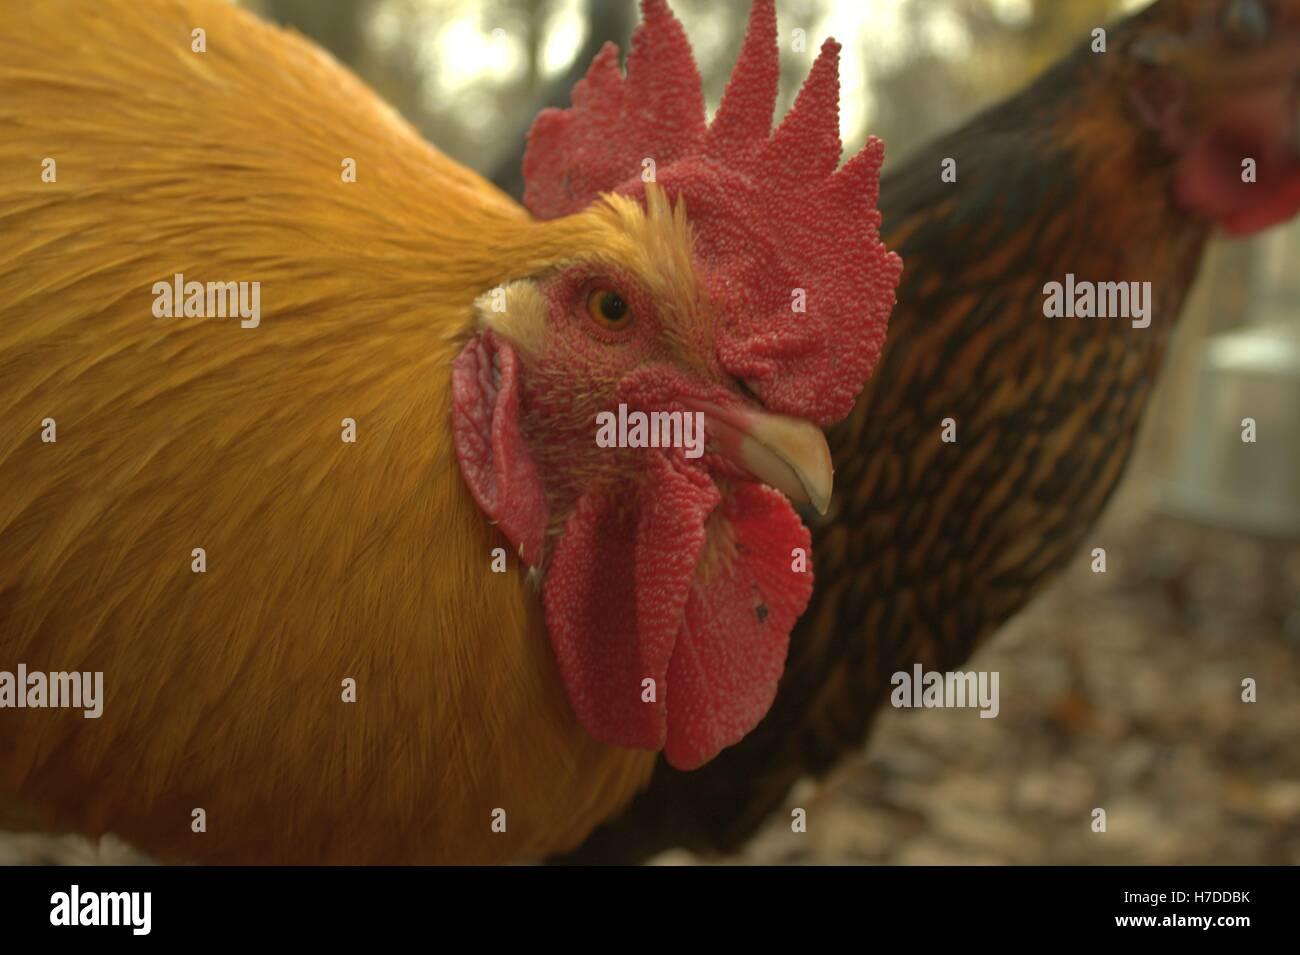 Gros plan d'une face du Coq Orpington Buff Banque D'Images